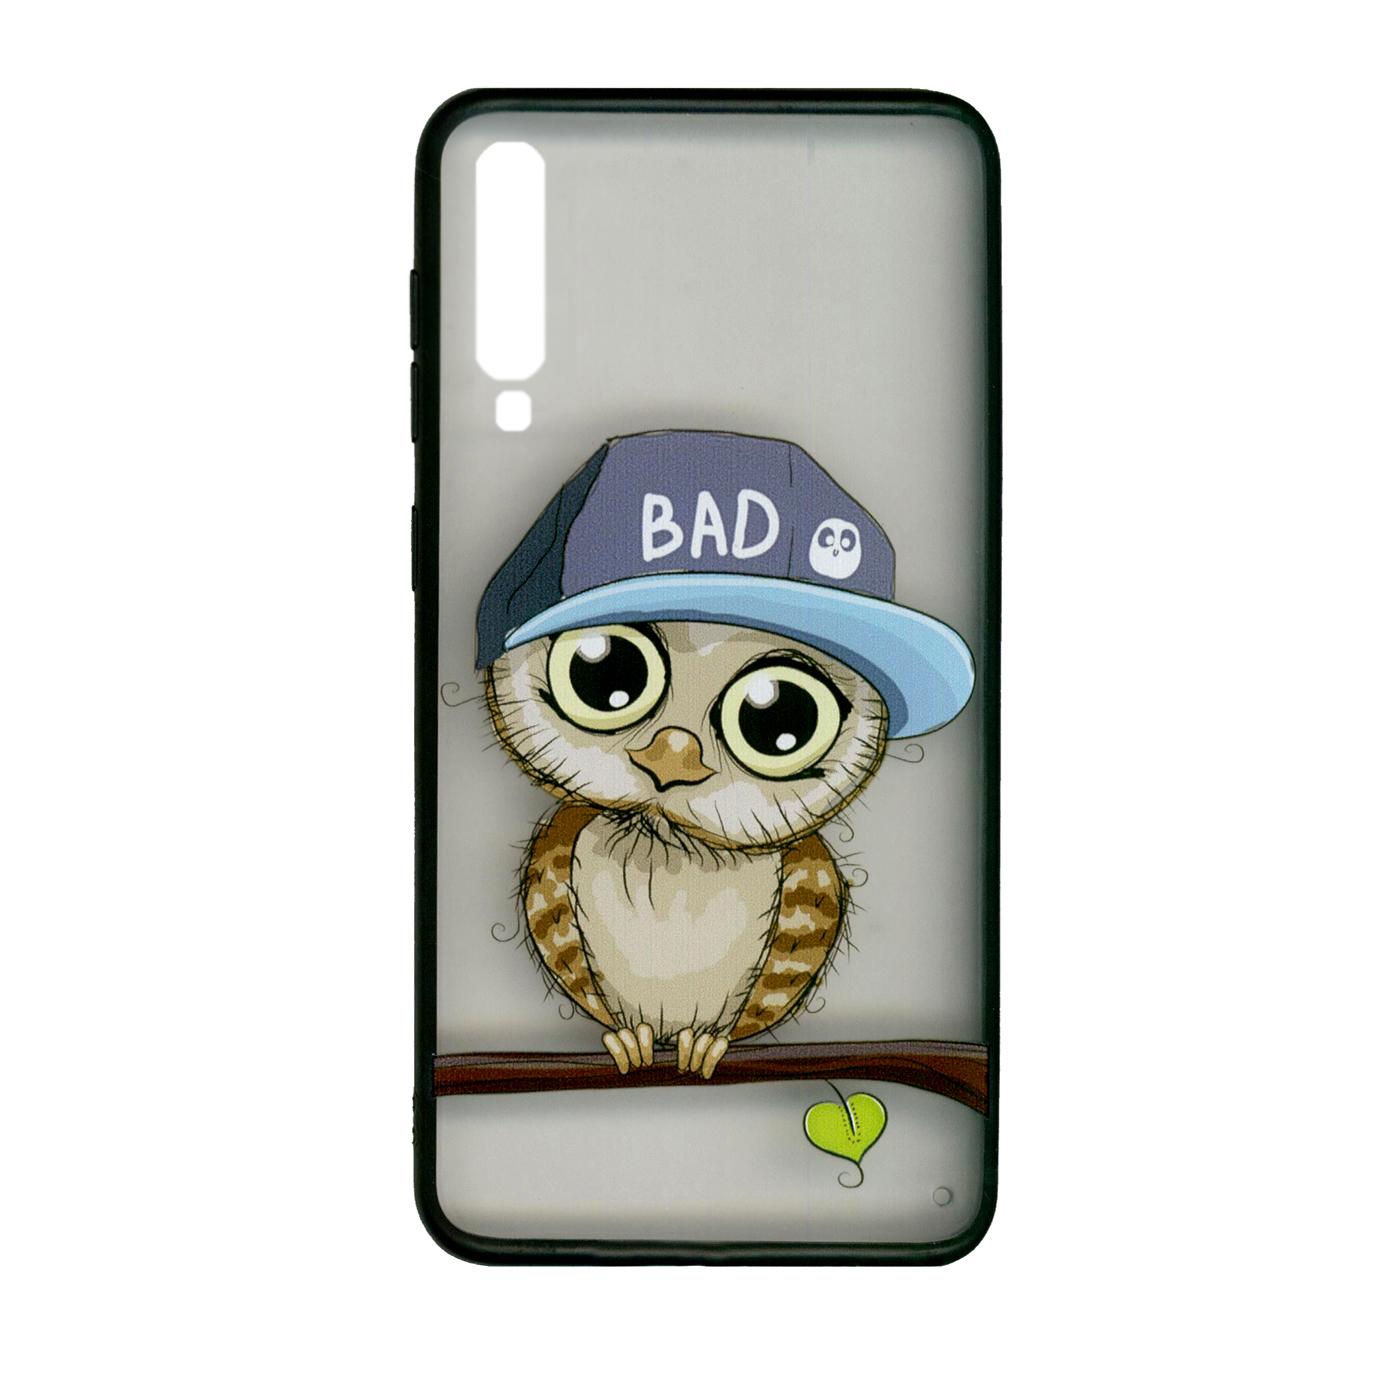 کاور طرح حیوانات کد 8561 مناسب برای گوشی موبایل سامسونگ Galaxy A70